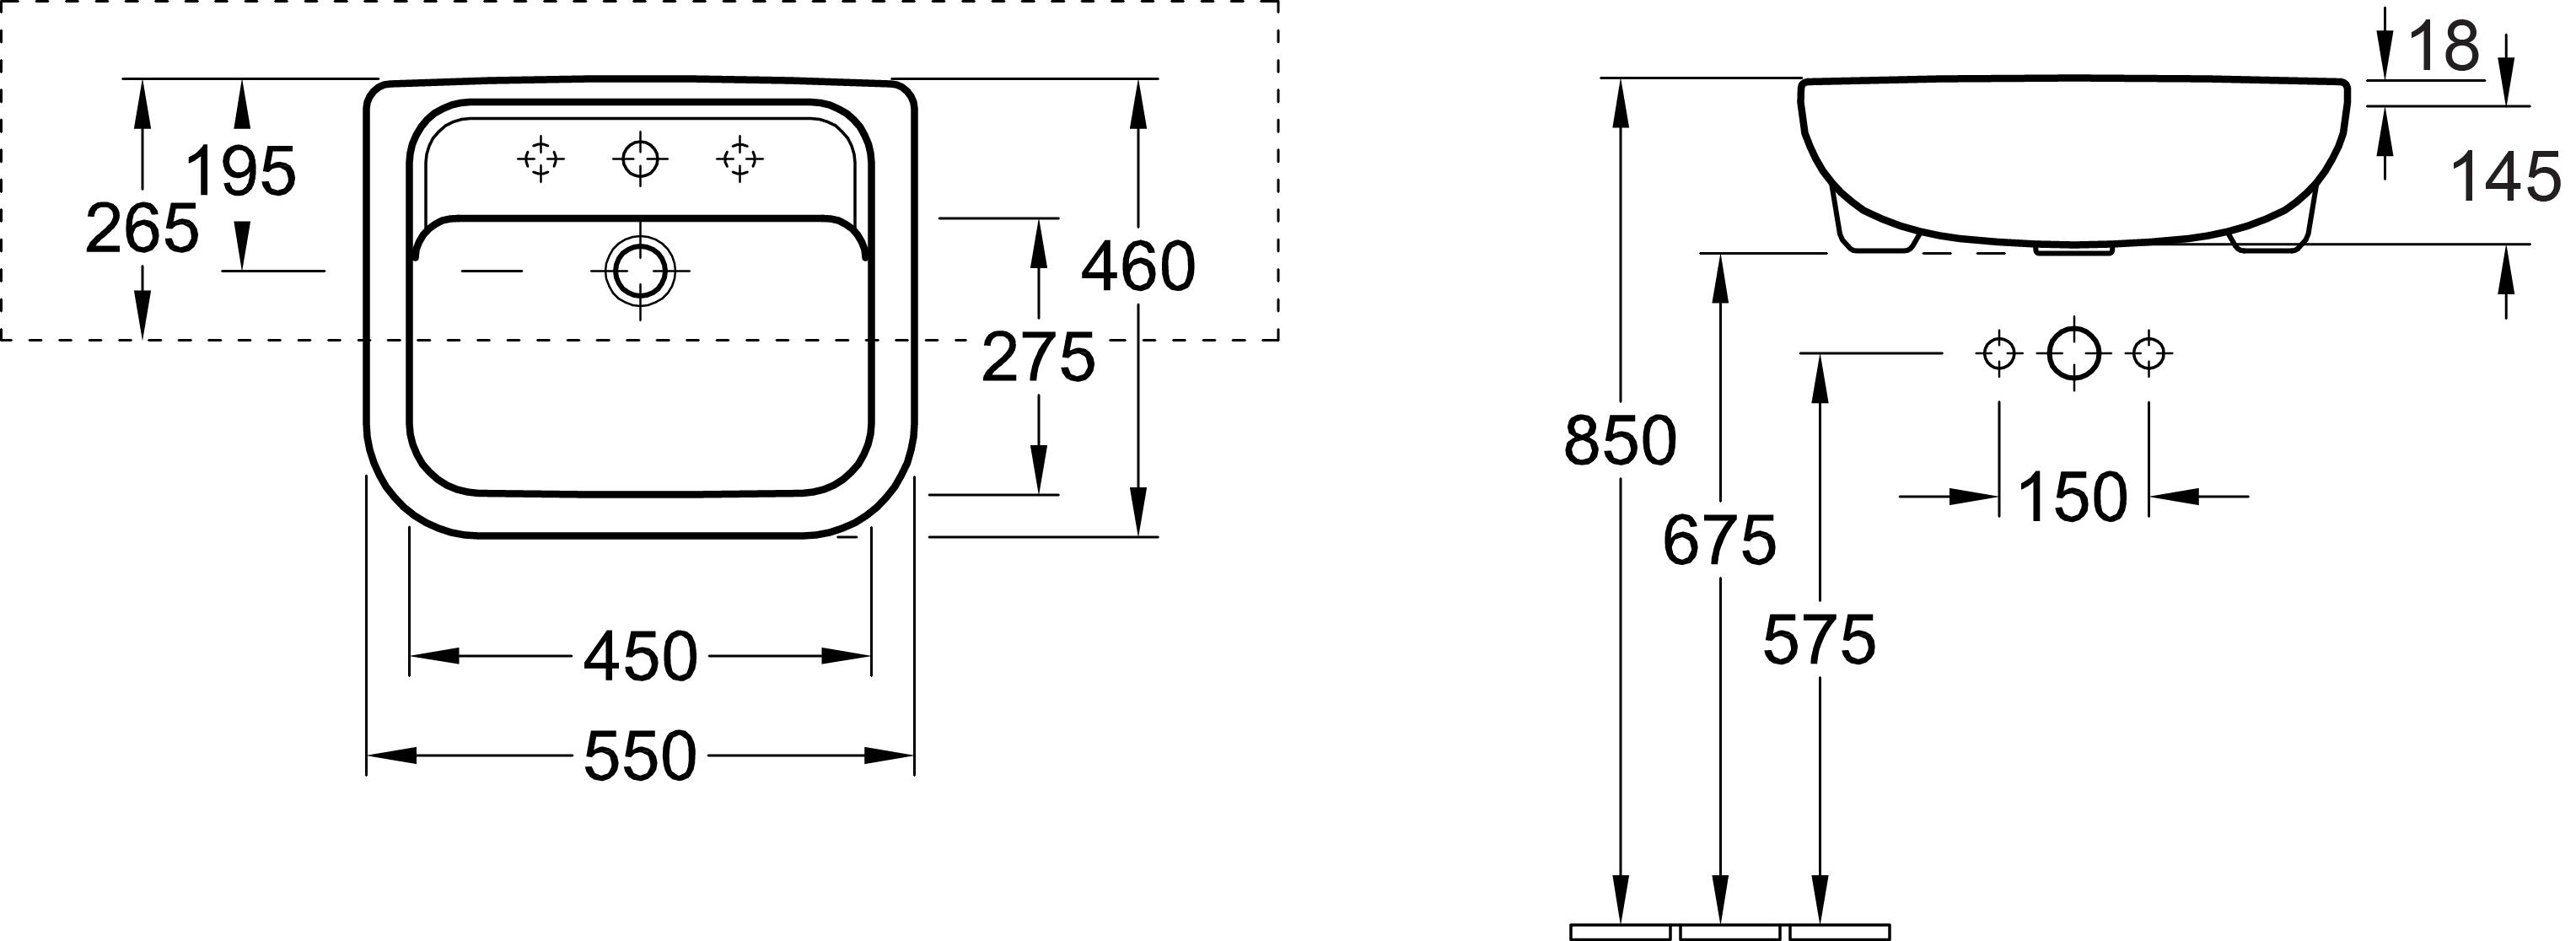 Architectura Semi-Recessed Basin